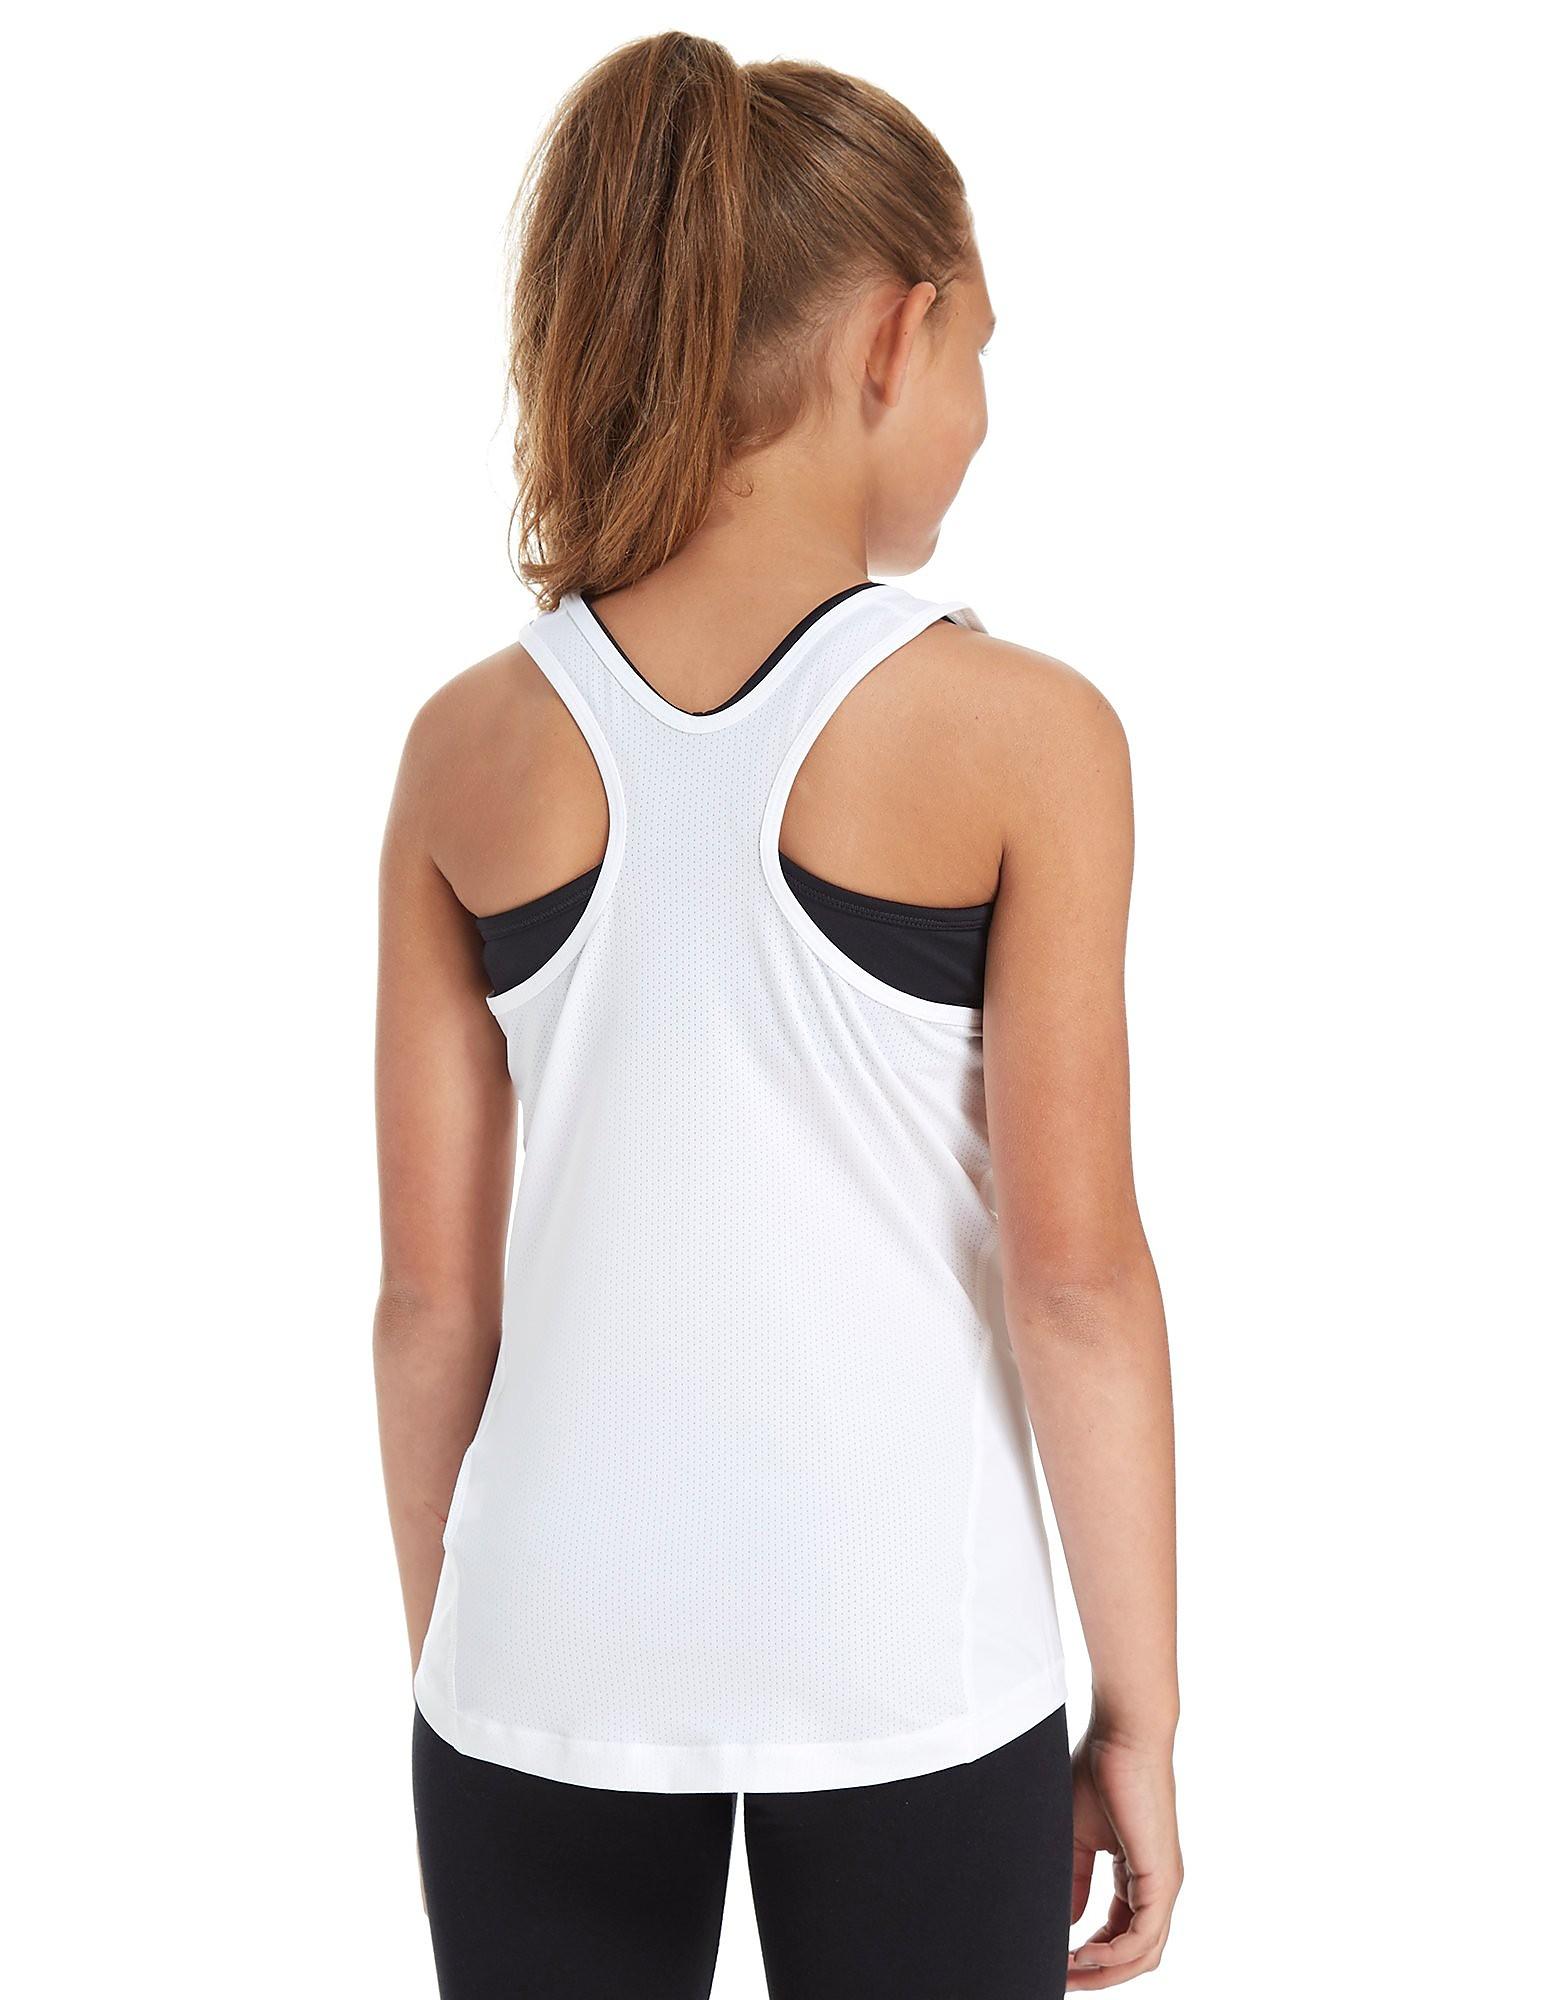 Nike Girls' Pro Cool Tank Top Junior